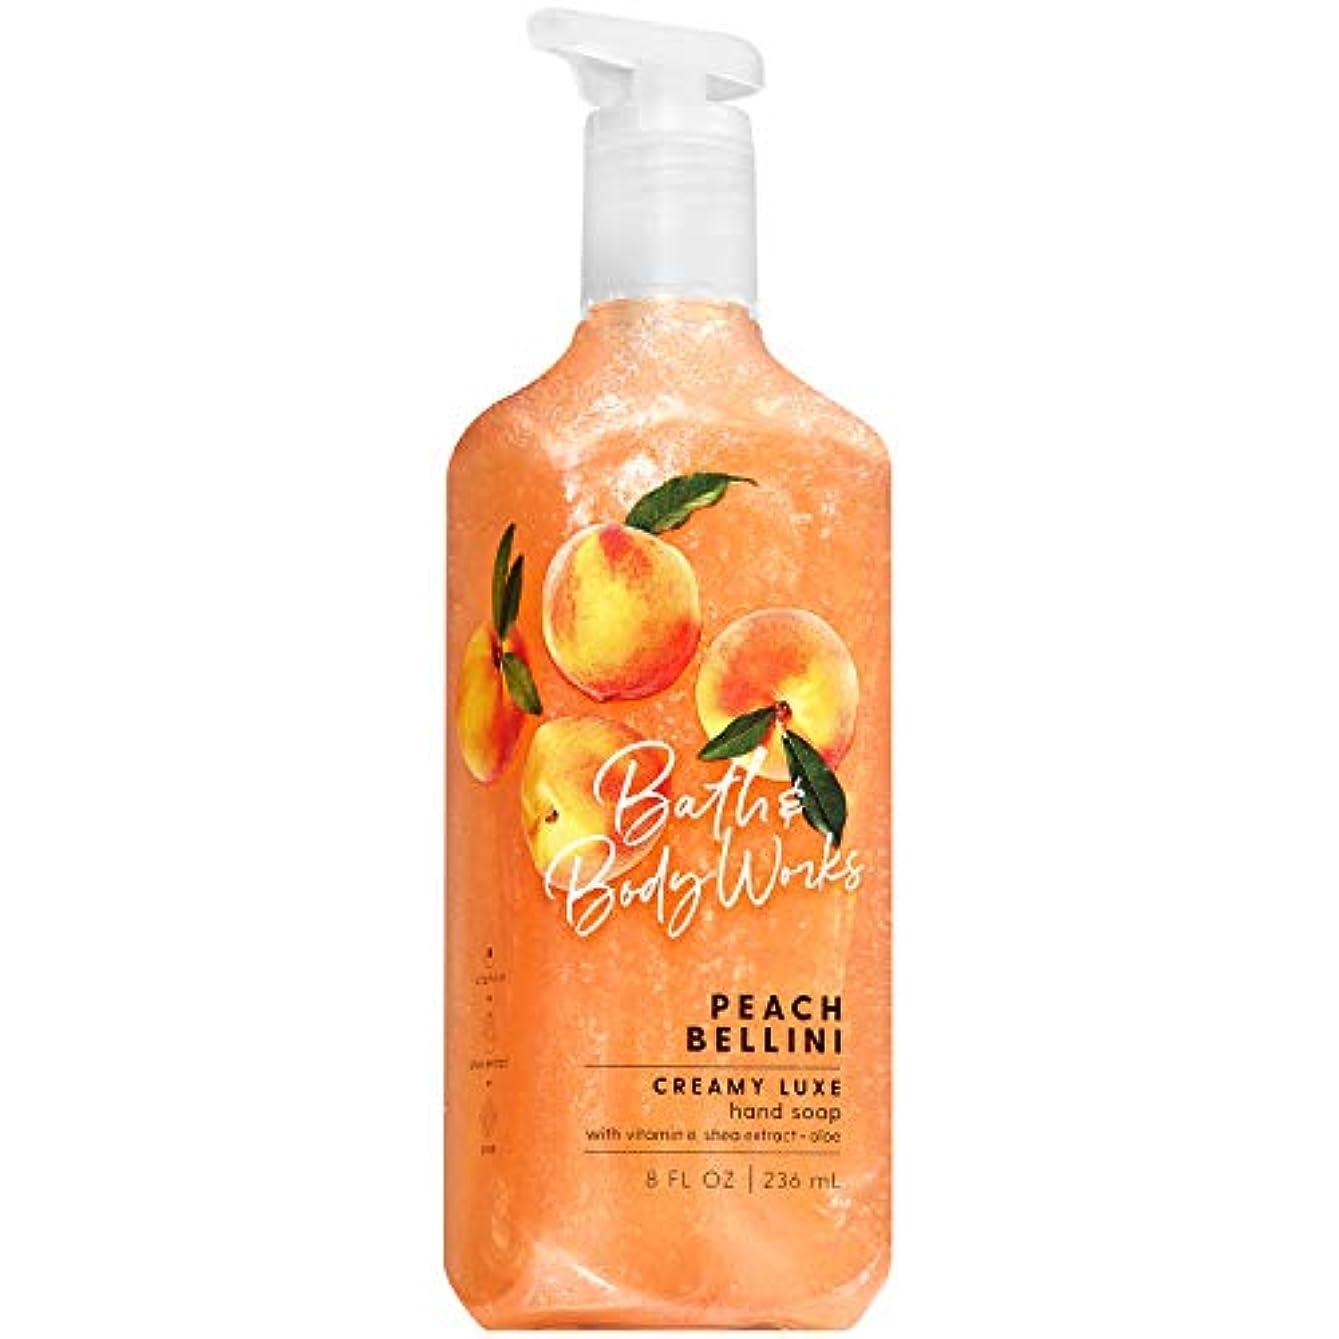 オリエンテーション考える支給バス&ボディワークス ピーチベリーニ クリーミーハンドソープ Peach Bellini Creamy Luxe Hand Soap With Vitamine E Shea Extract + Aloe